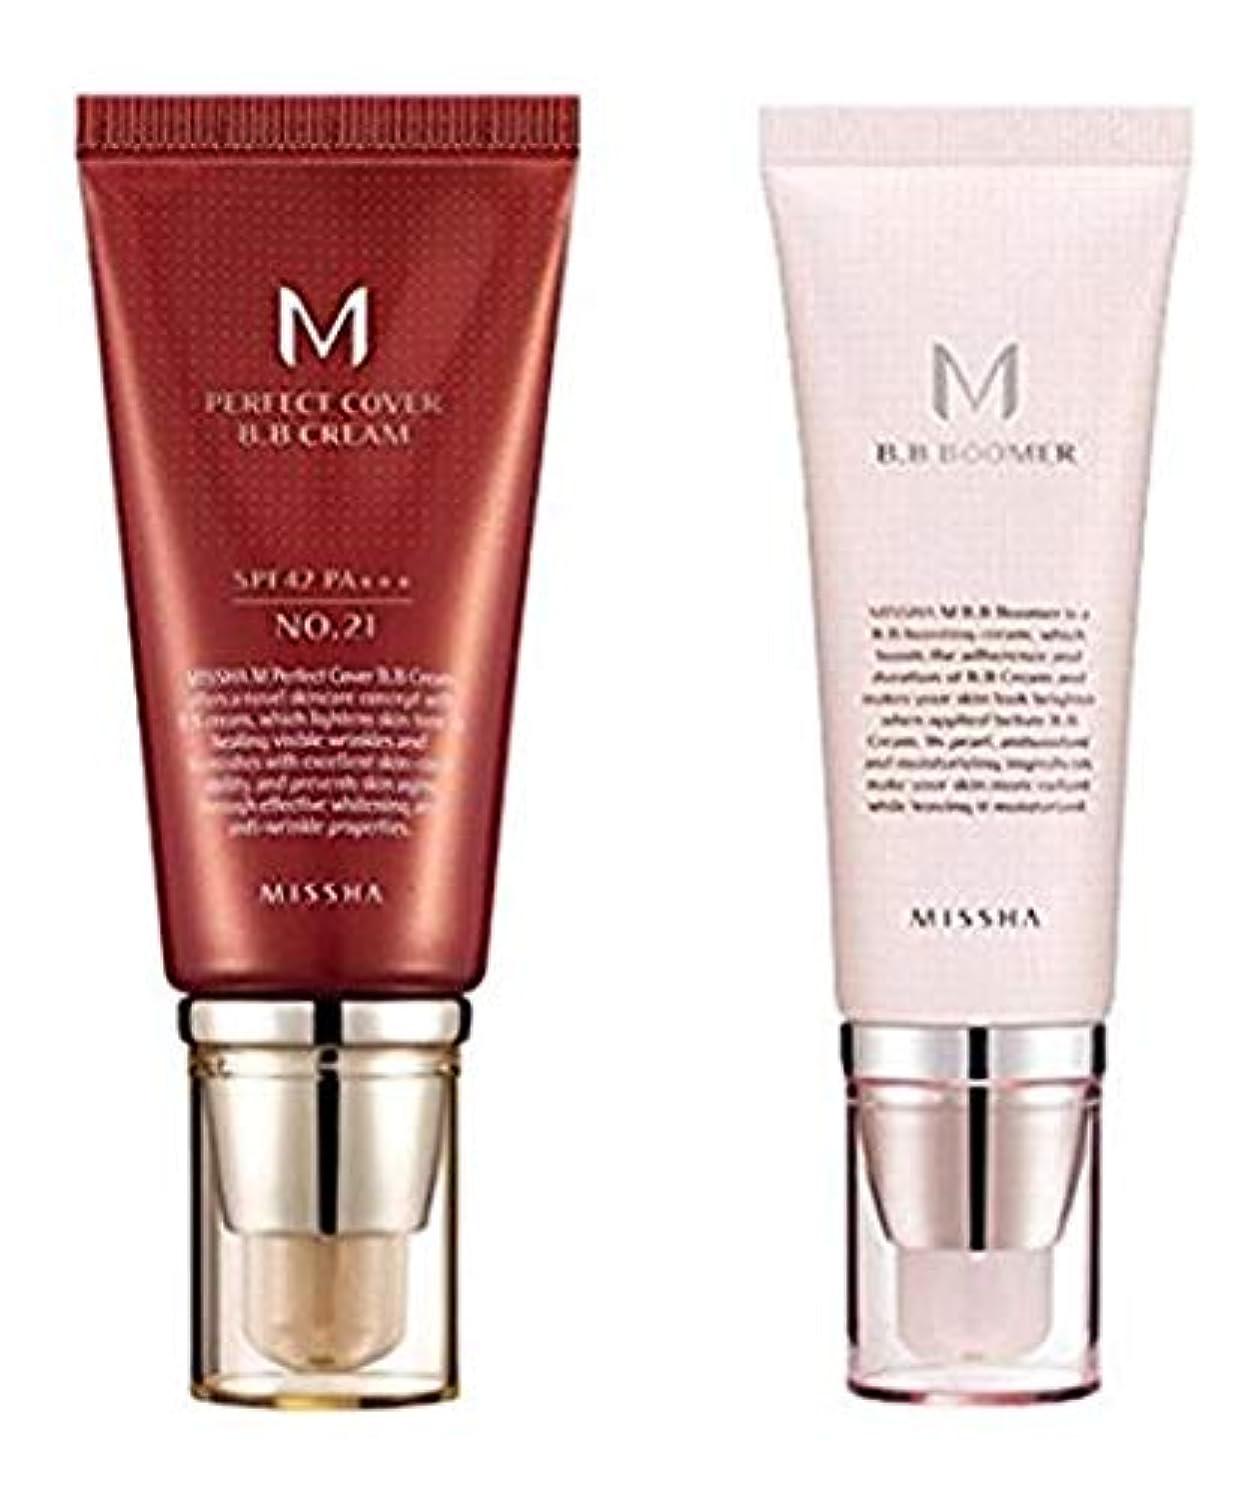 いらいらさせるなめる比べるMISSHA M Perfect Cover BB cream #21 + M BB Boomer / ミシャ M パーフェクトカバー BBクリーム 50ml + M BBブーマー40ml [並行輸入品]